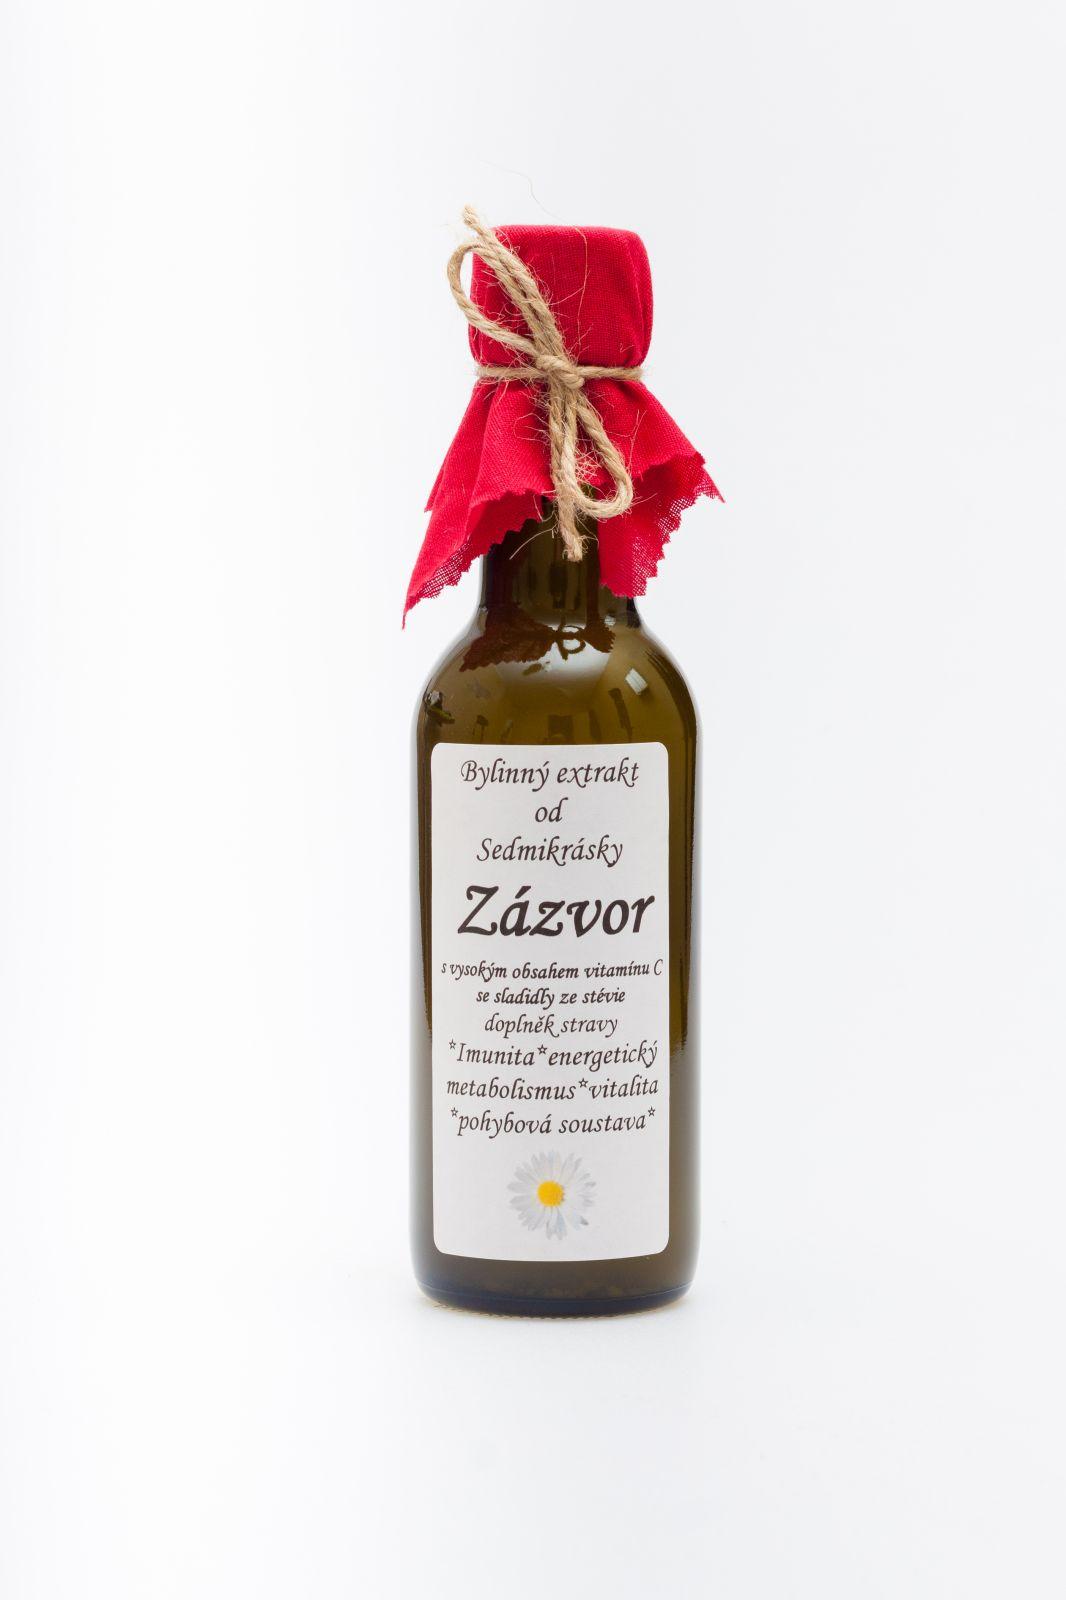 Sedmikráska bylinný extrakt Zázvor 250ml imunita, energetický metabolismus, vitalita, pohybová soustava, komfort při cestování, trávení v těhotenství doplněk stravy Rodinná farma Sedmikráska